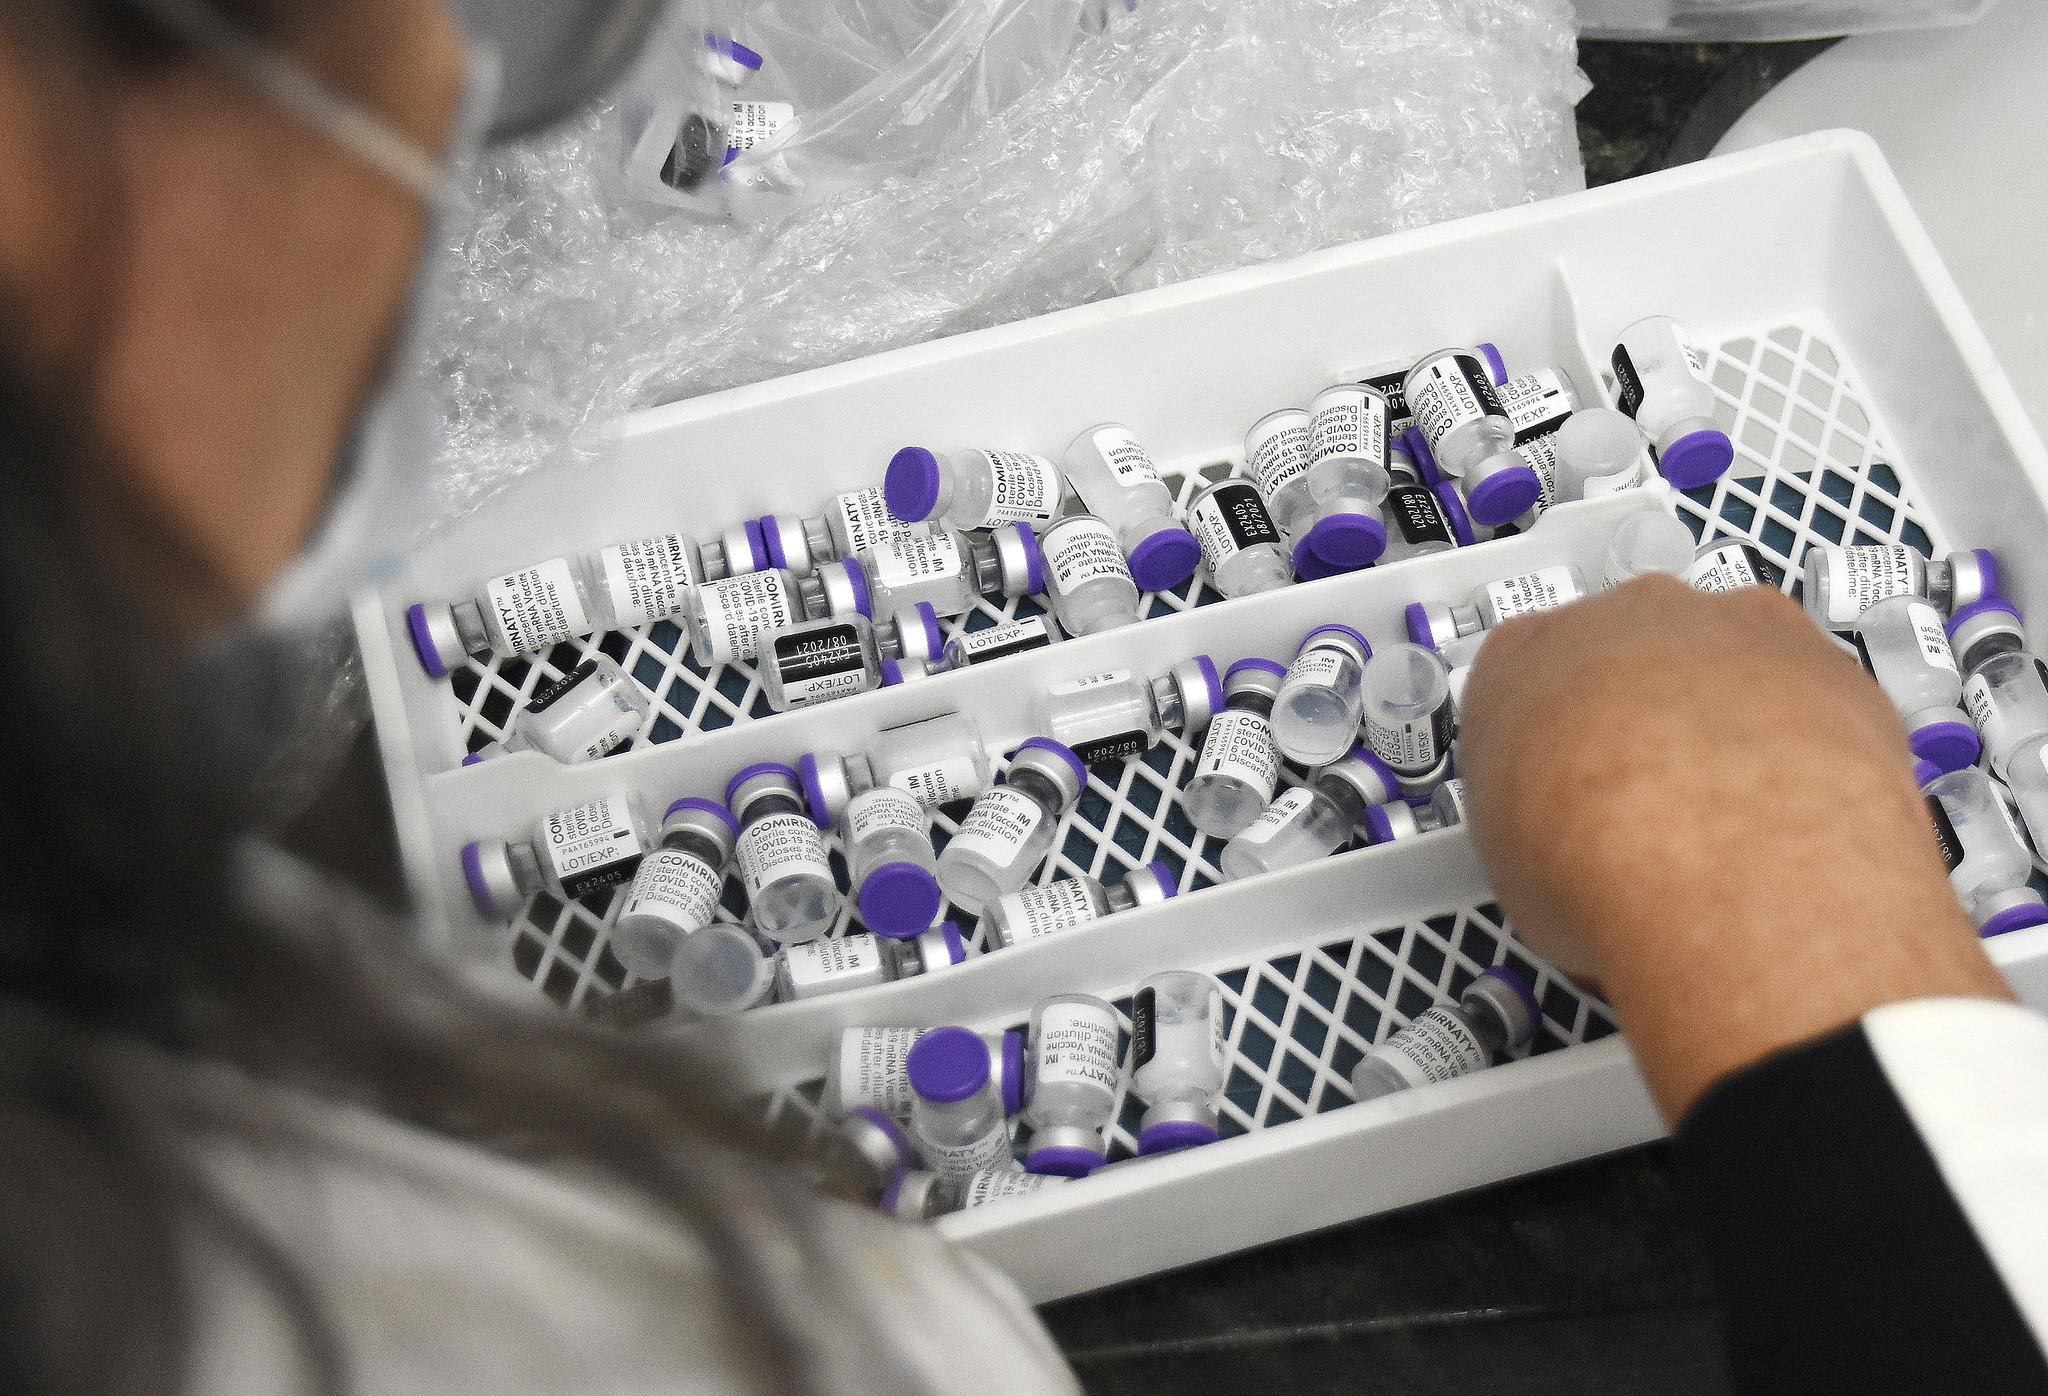 IMAGEM: Ao G20, farmacêuticas prometem até 3,5 bilhões de doses aos países pobres